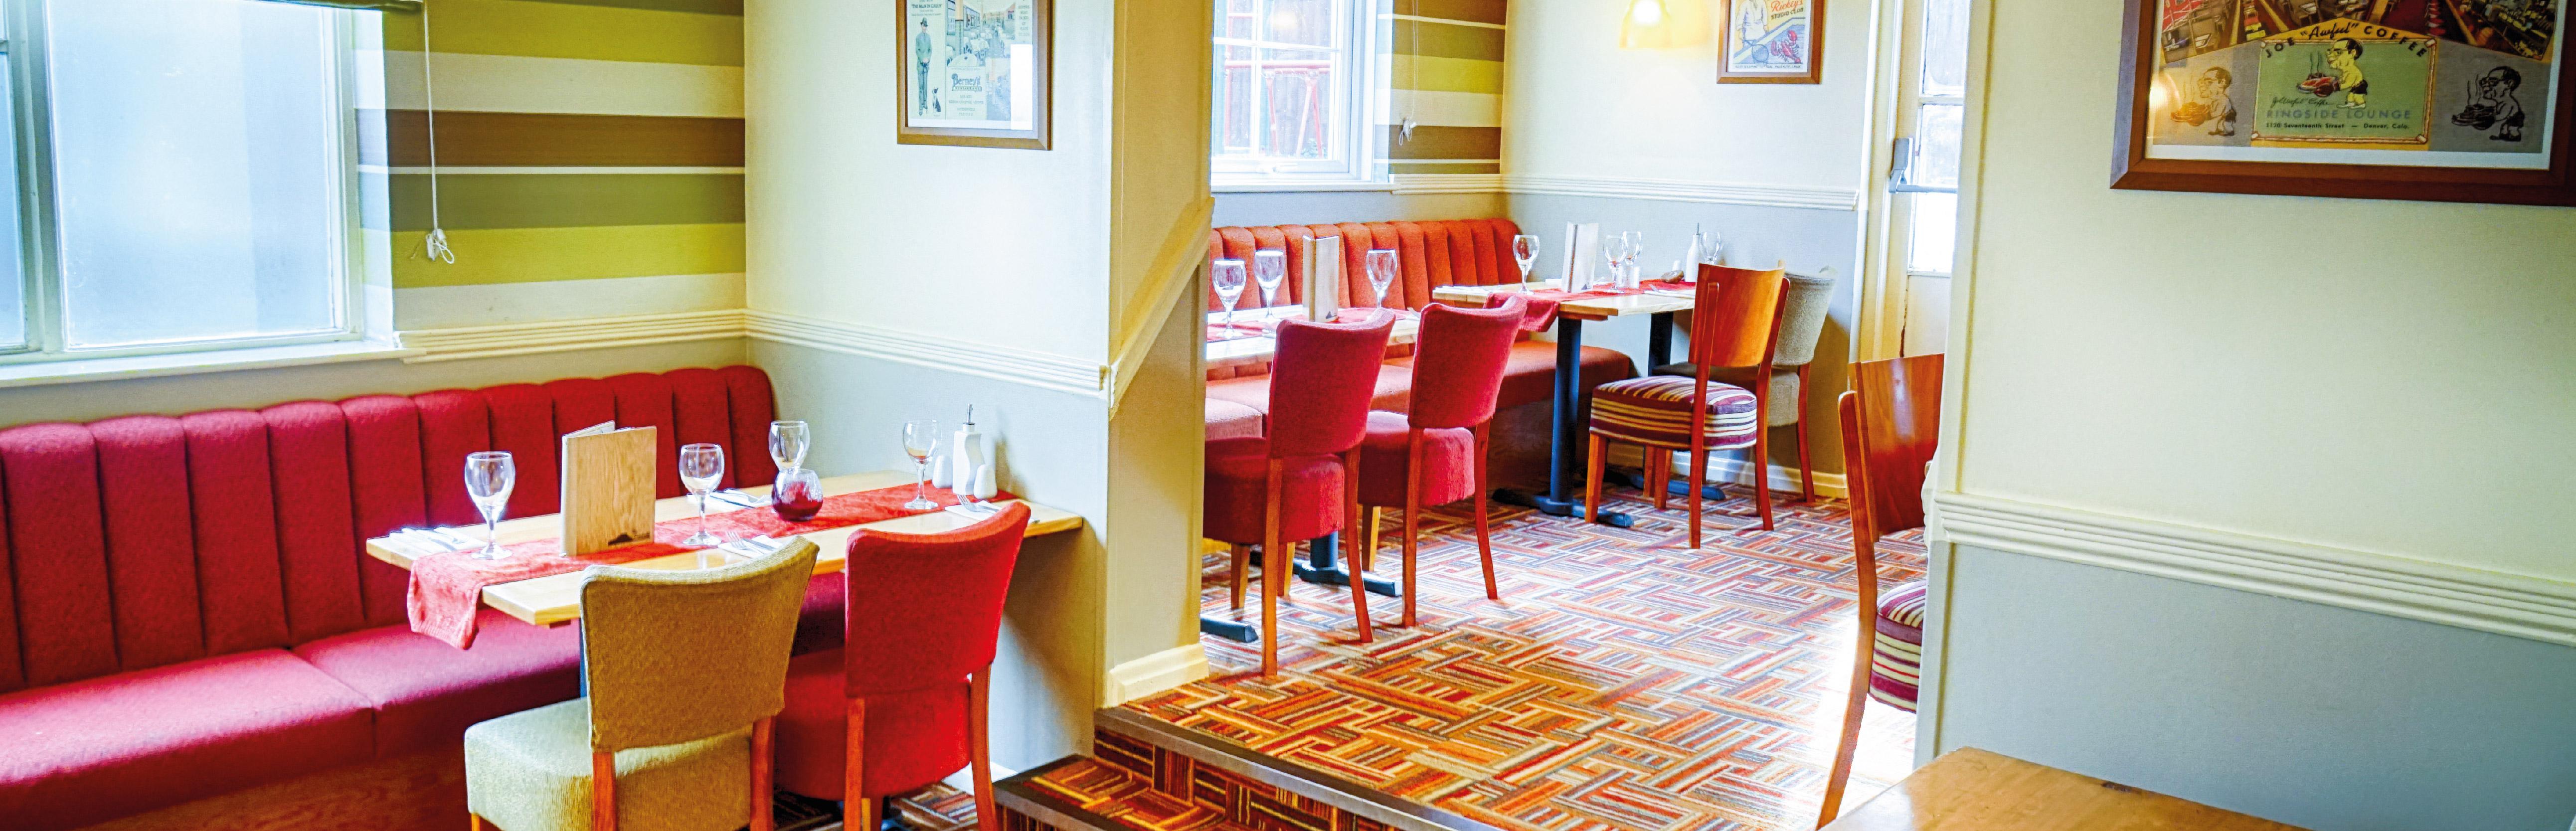 Randalls The Pembroke Pub and Restaurant Jersey